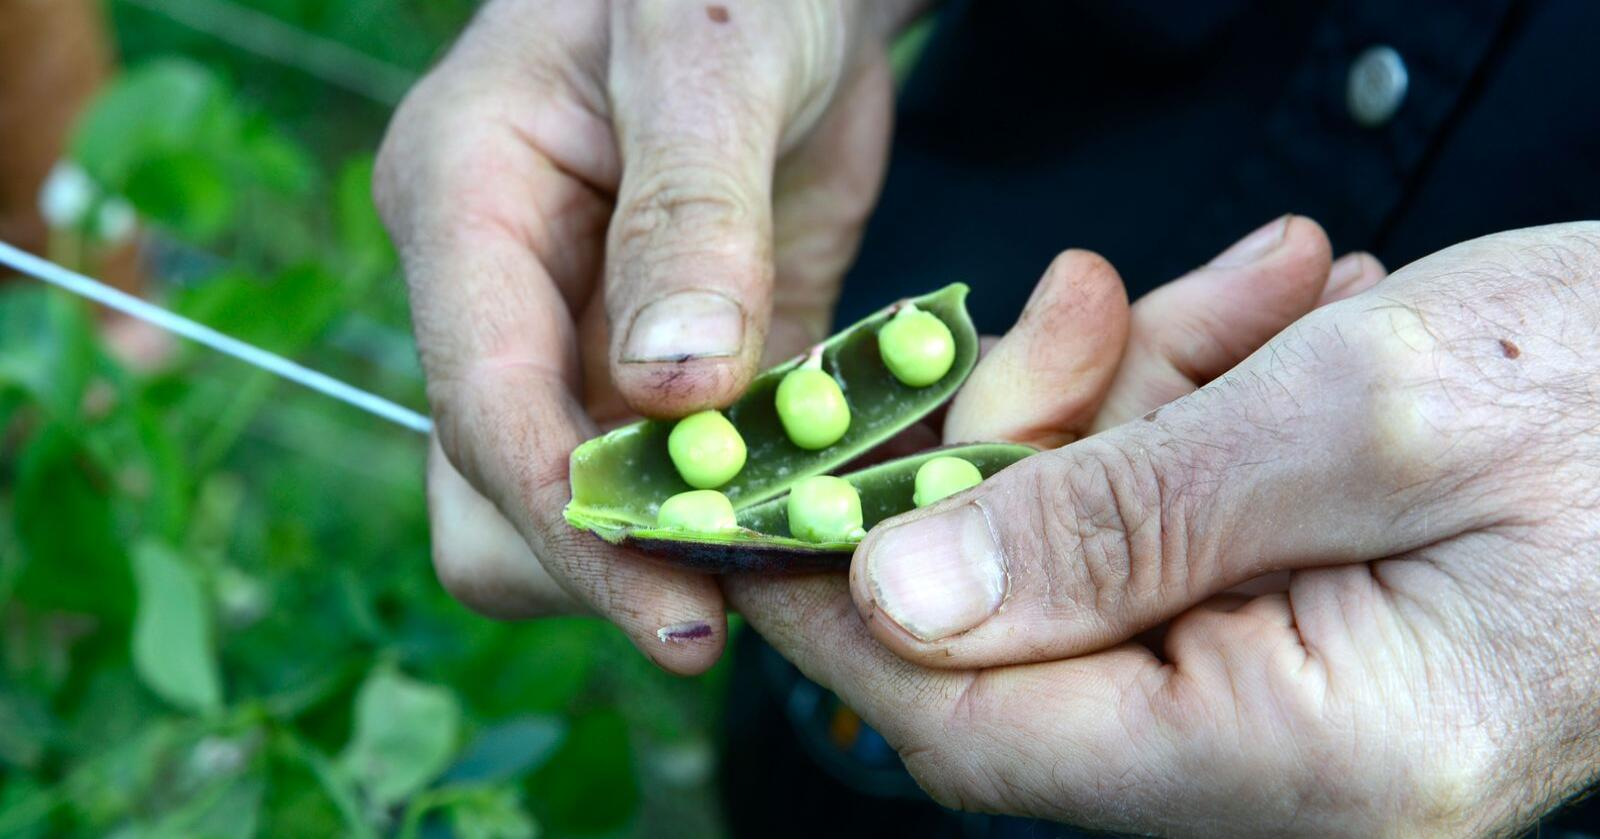 Åkerbønner og erter er nokre av dei vekstane som kan dyrkast i Norge. Foto: Mariann Tvete